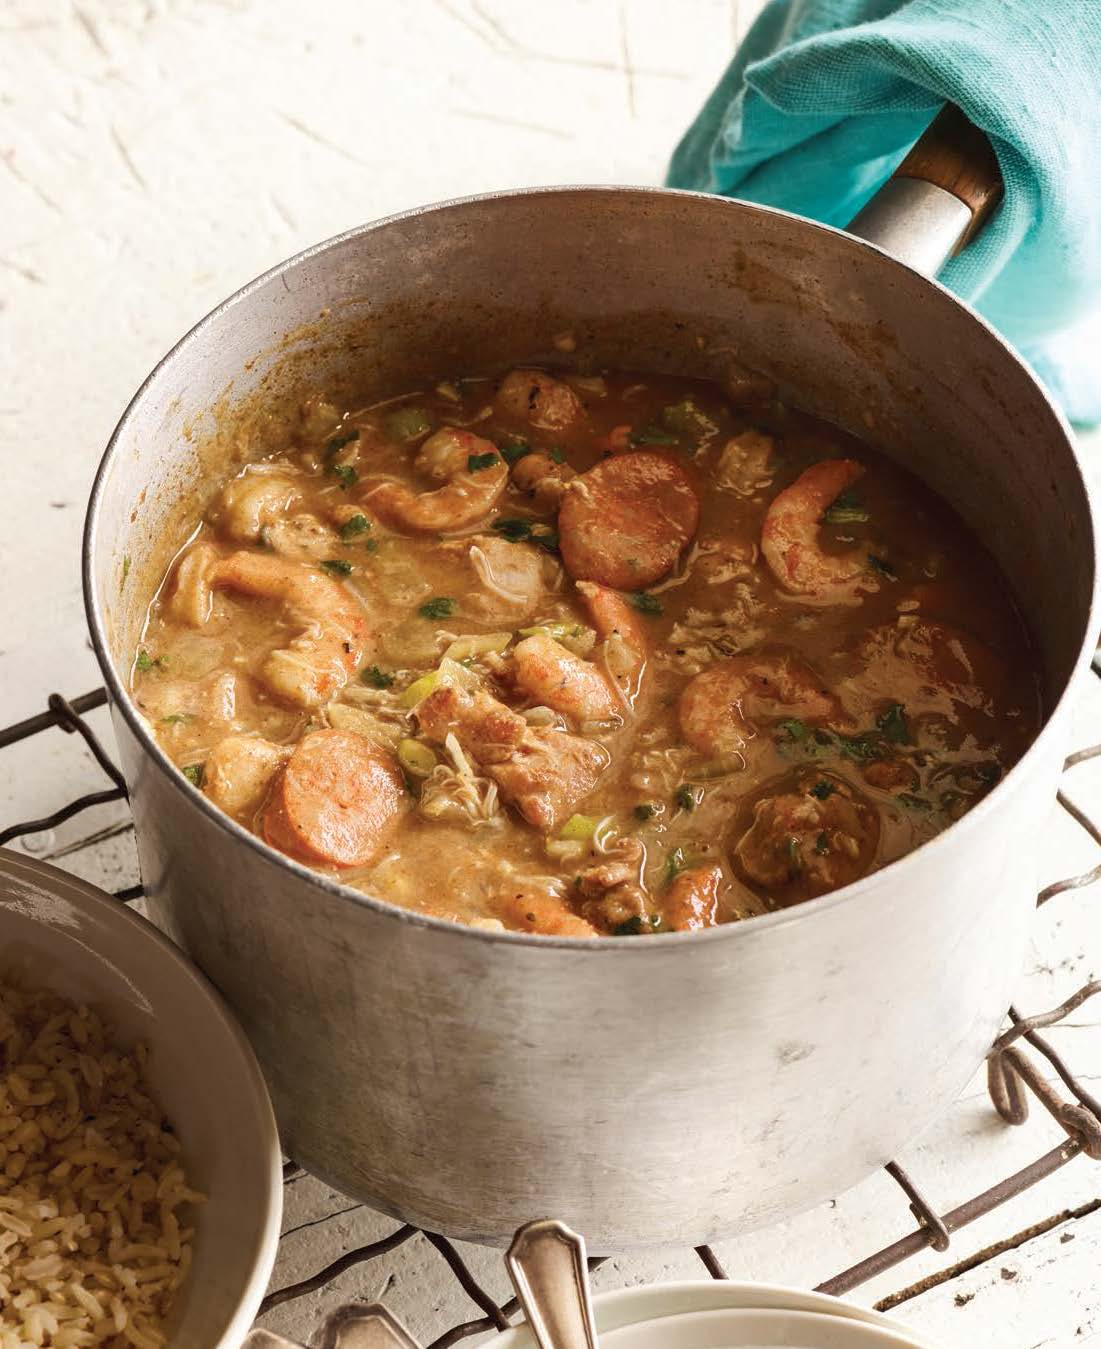 Laila Ali Seafood Gumbo_Image_Food for Life